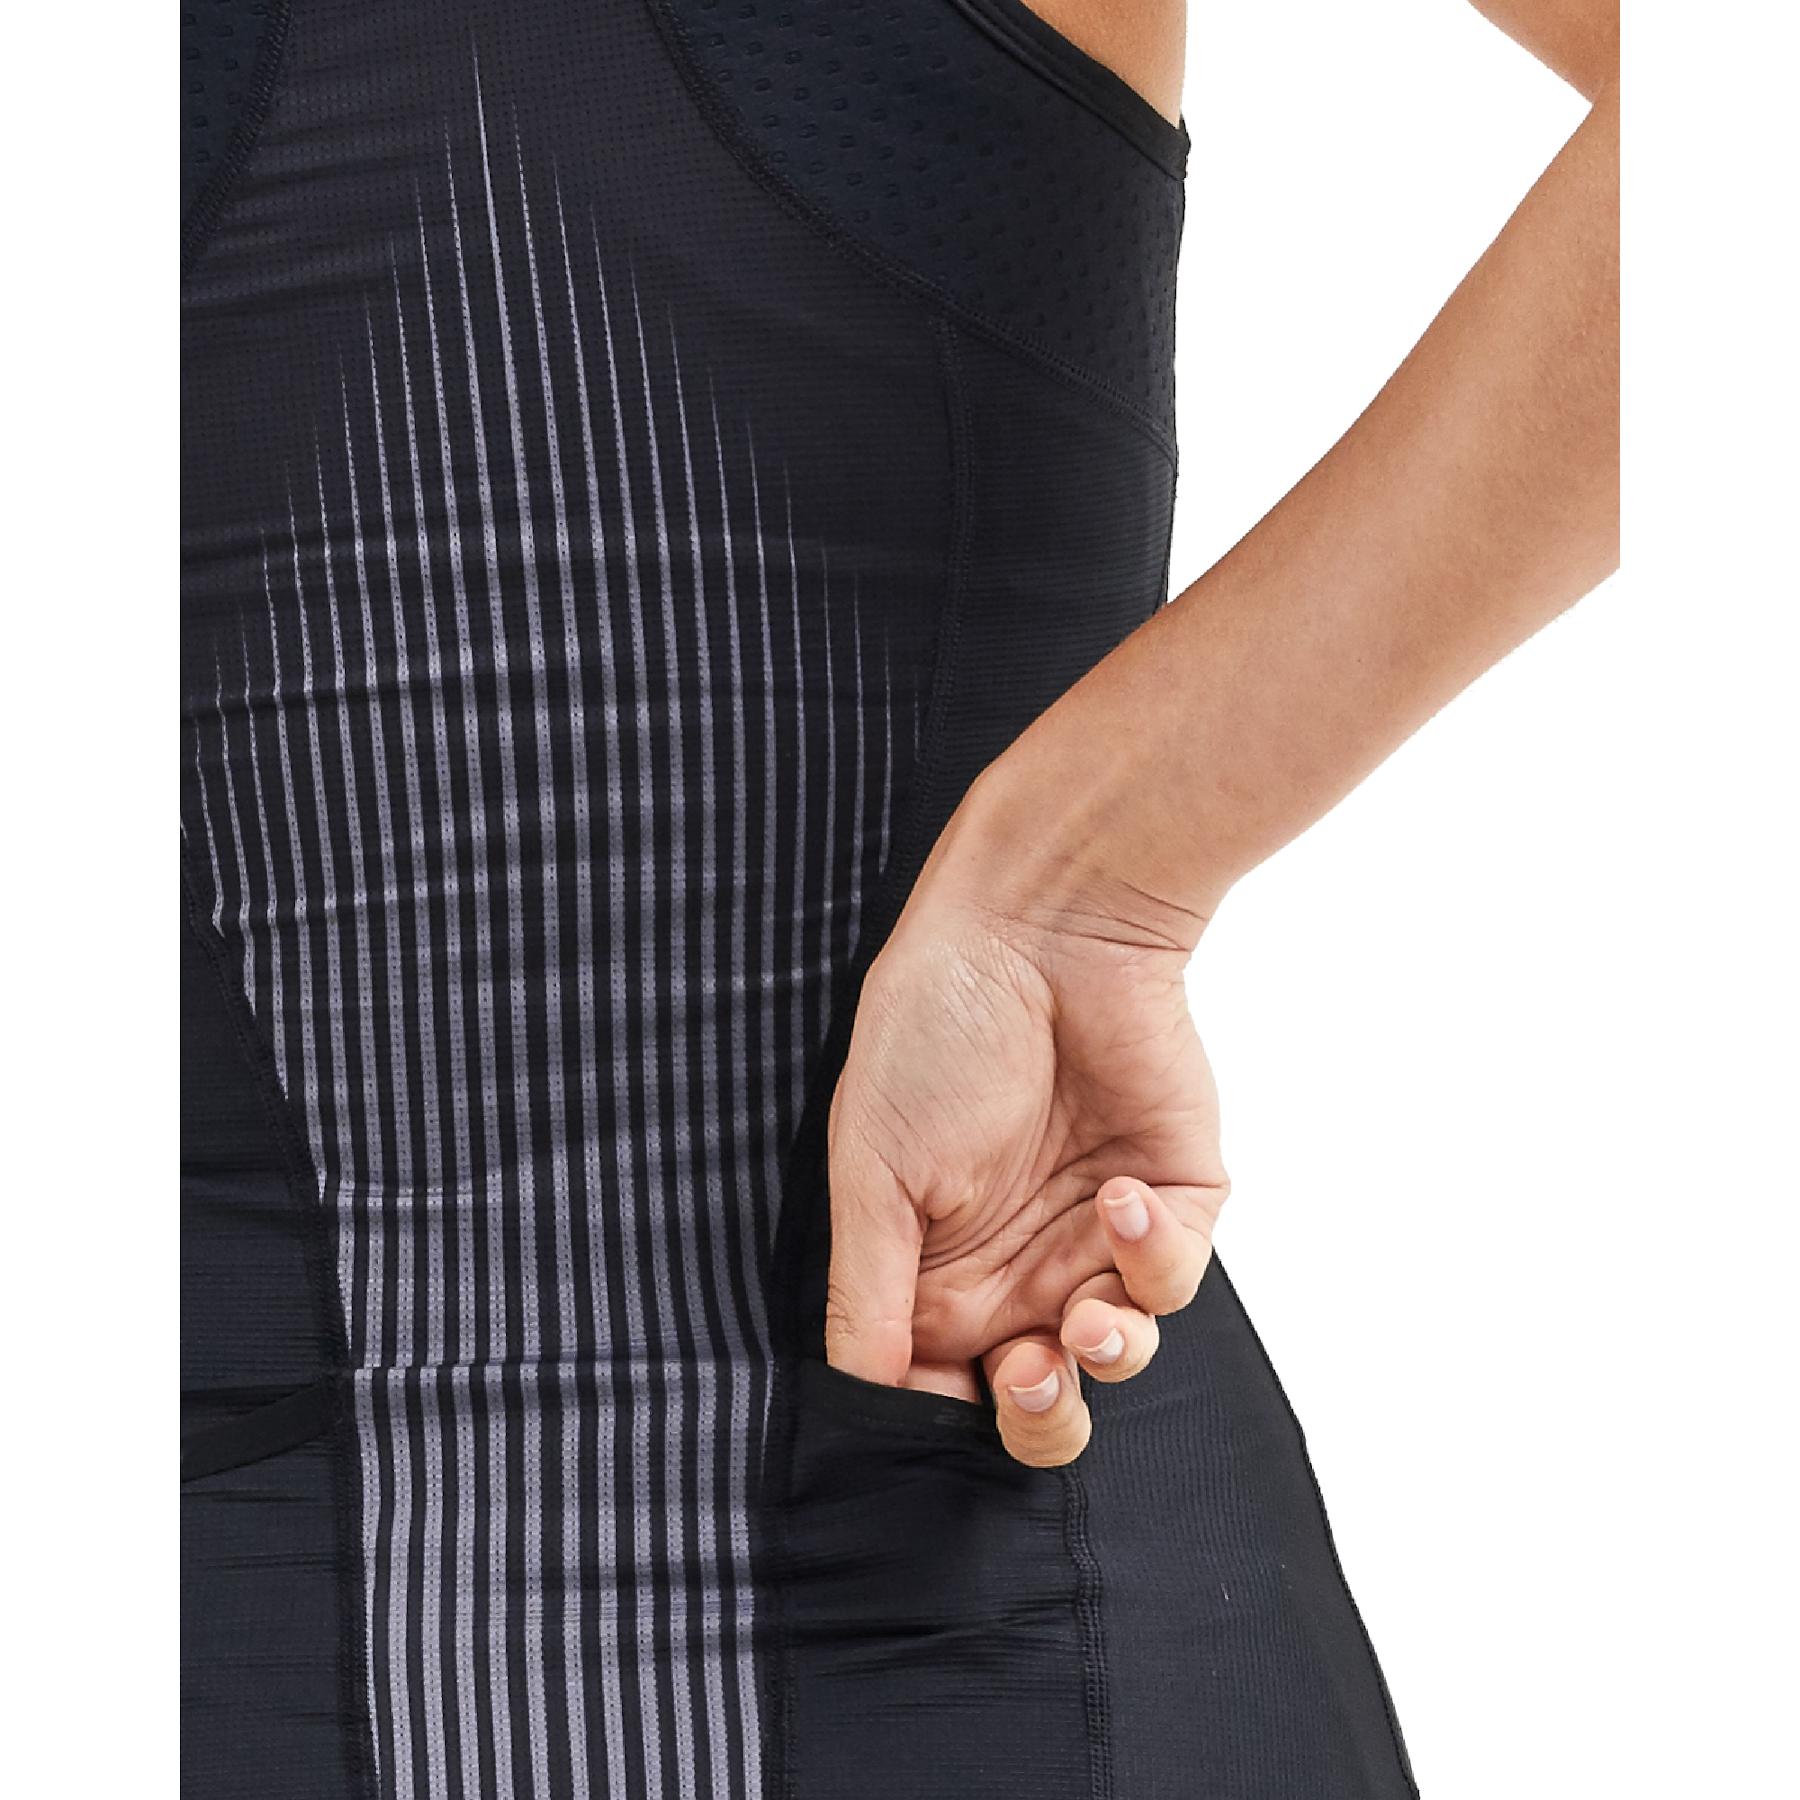 Imagen de 2XU Women's Perform Tri Camiseta de tirantes para mujer - black/shadow